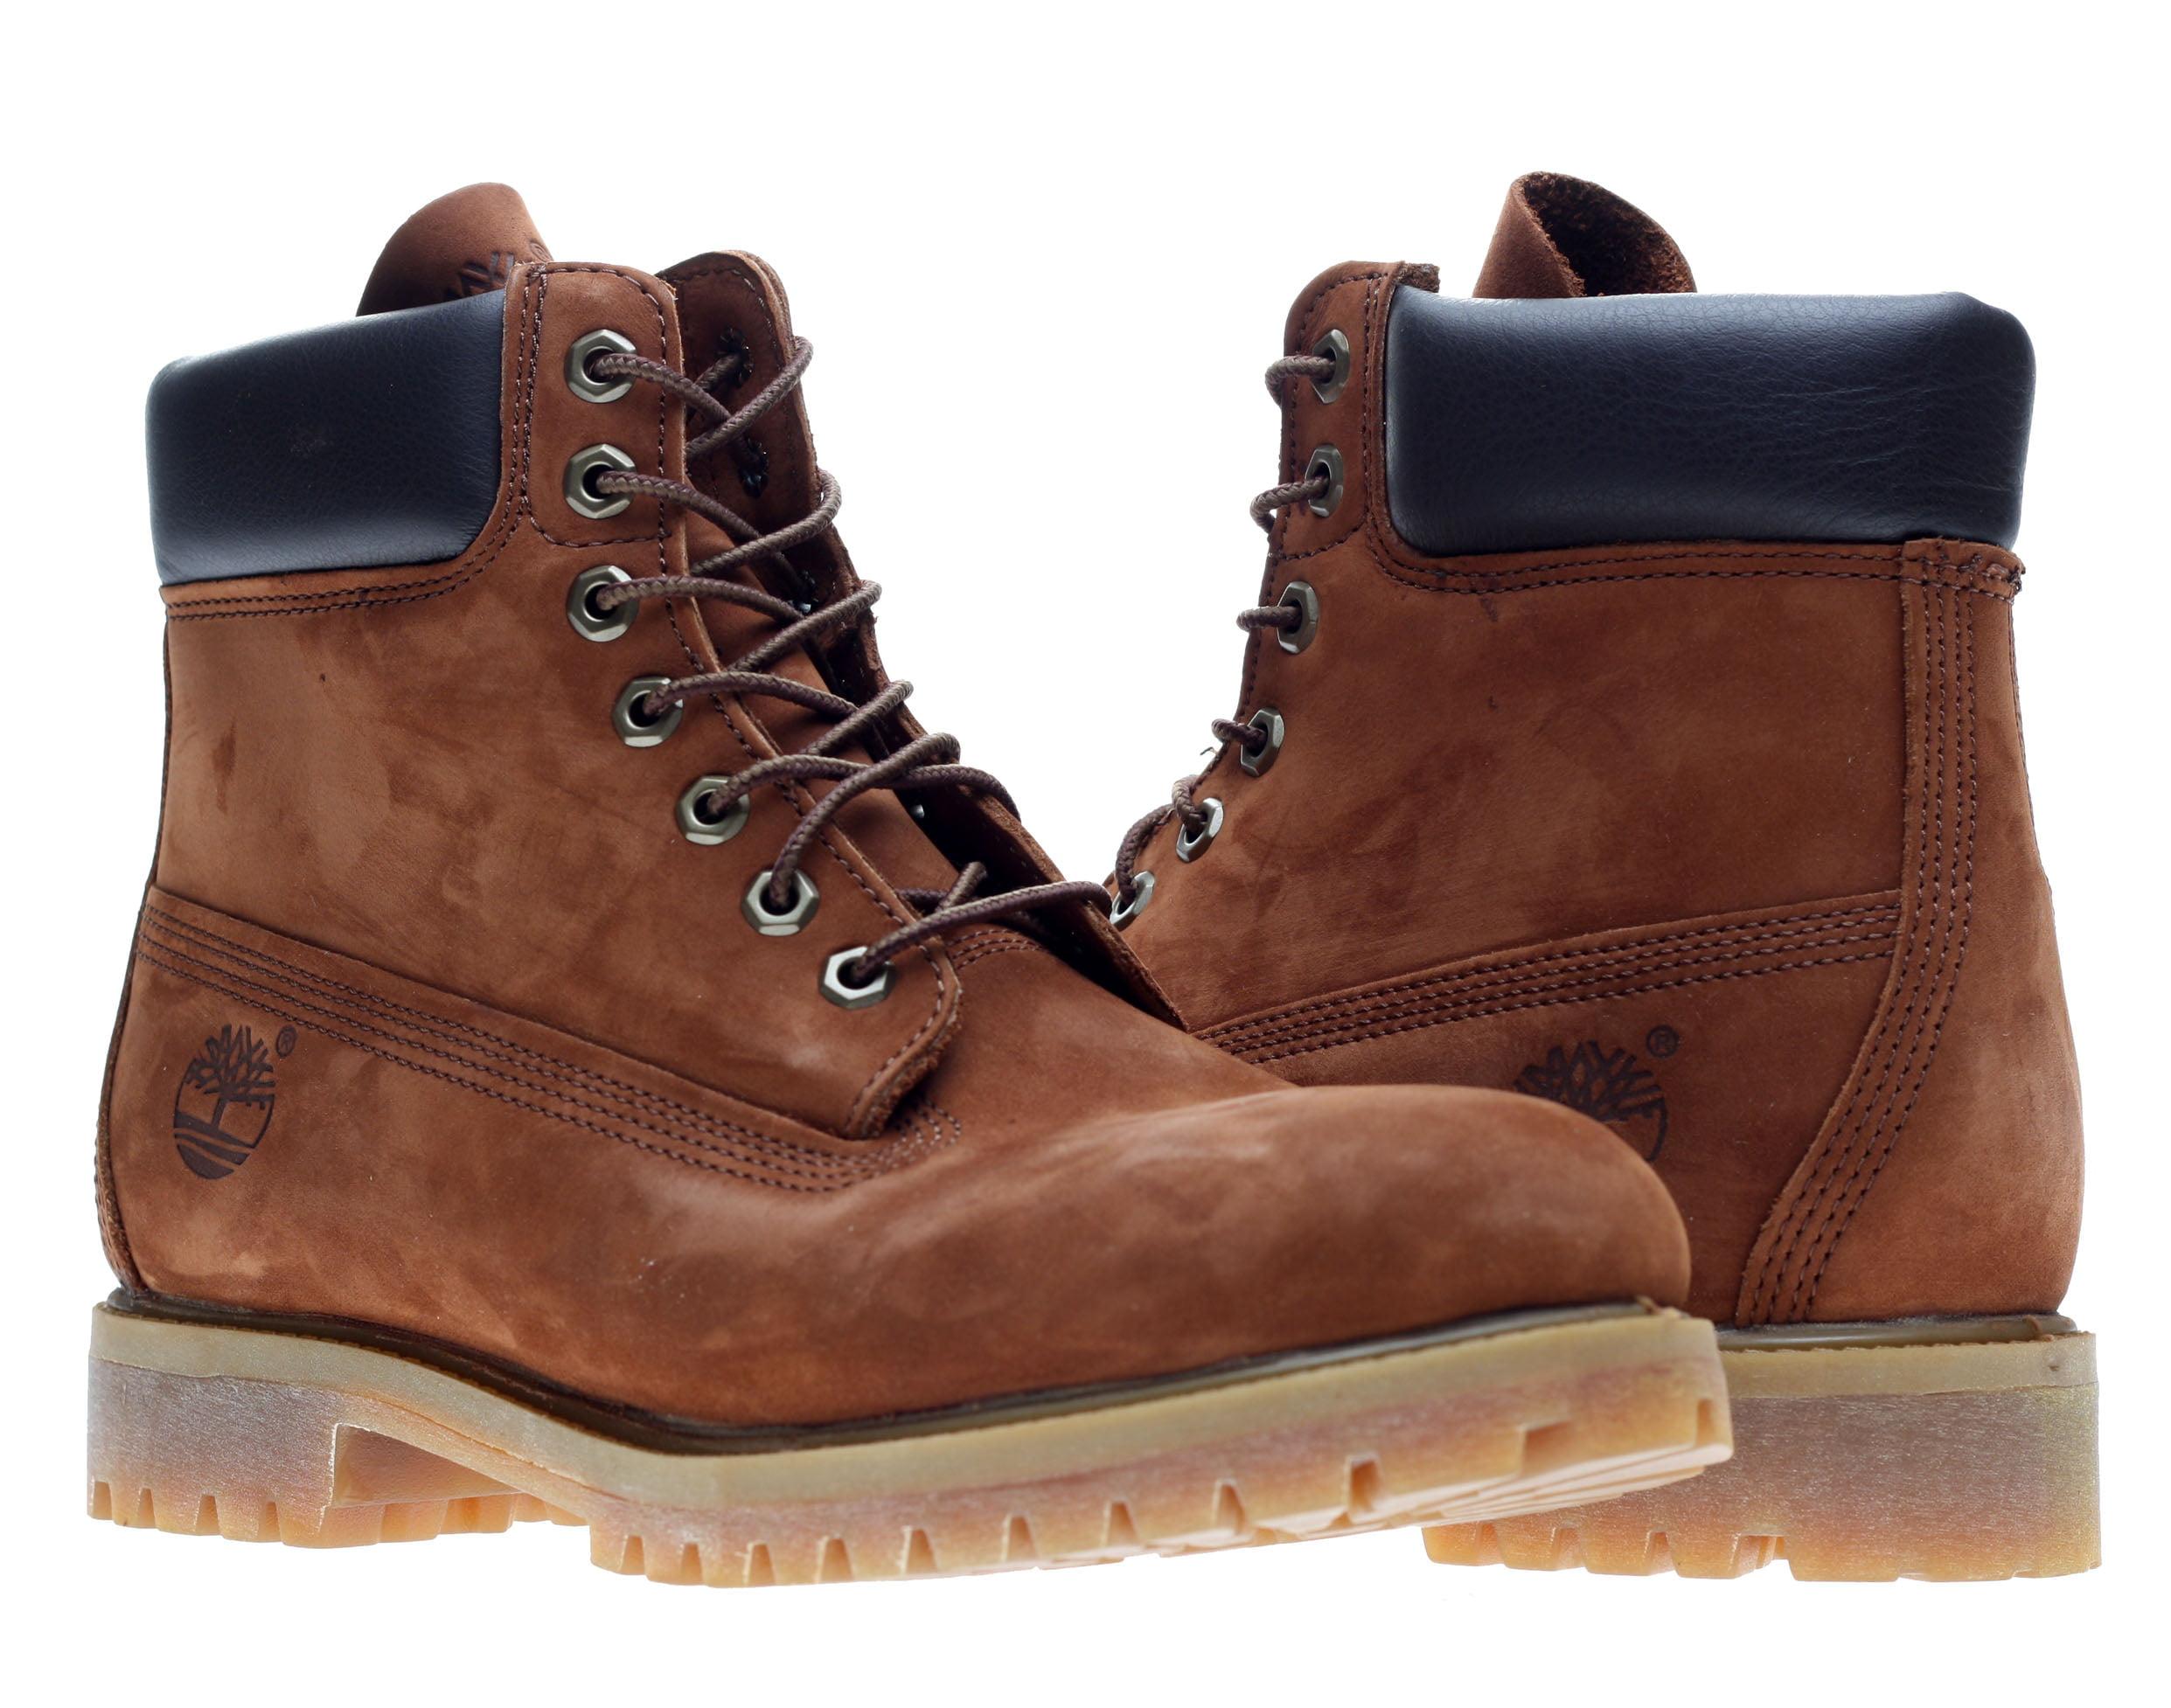 Timberland 6-Inch Premium Waterproof Cognac Brown Nubuck Men's Boots 6768R by